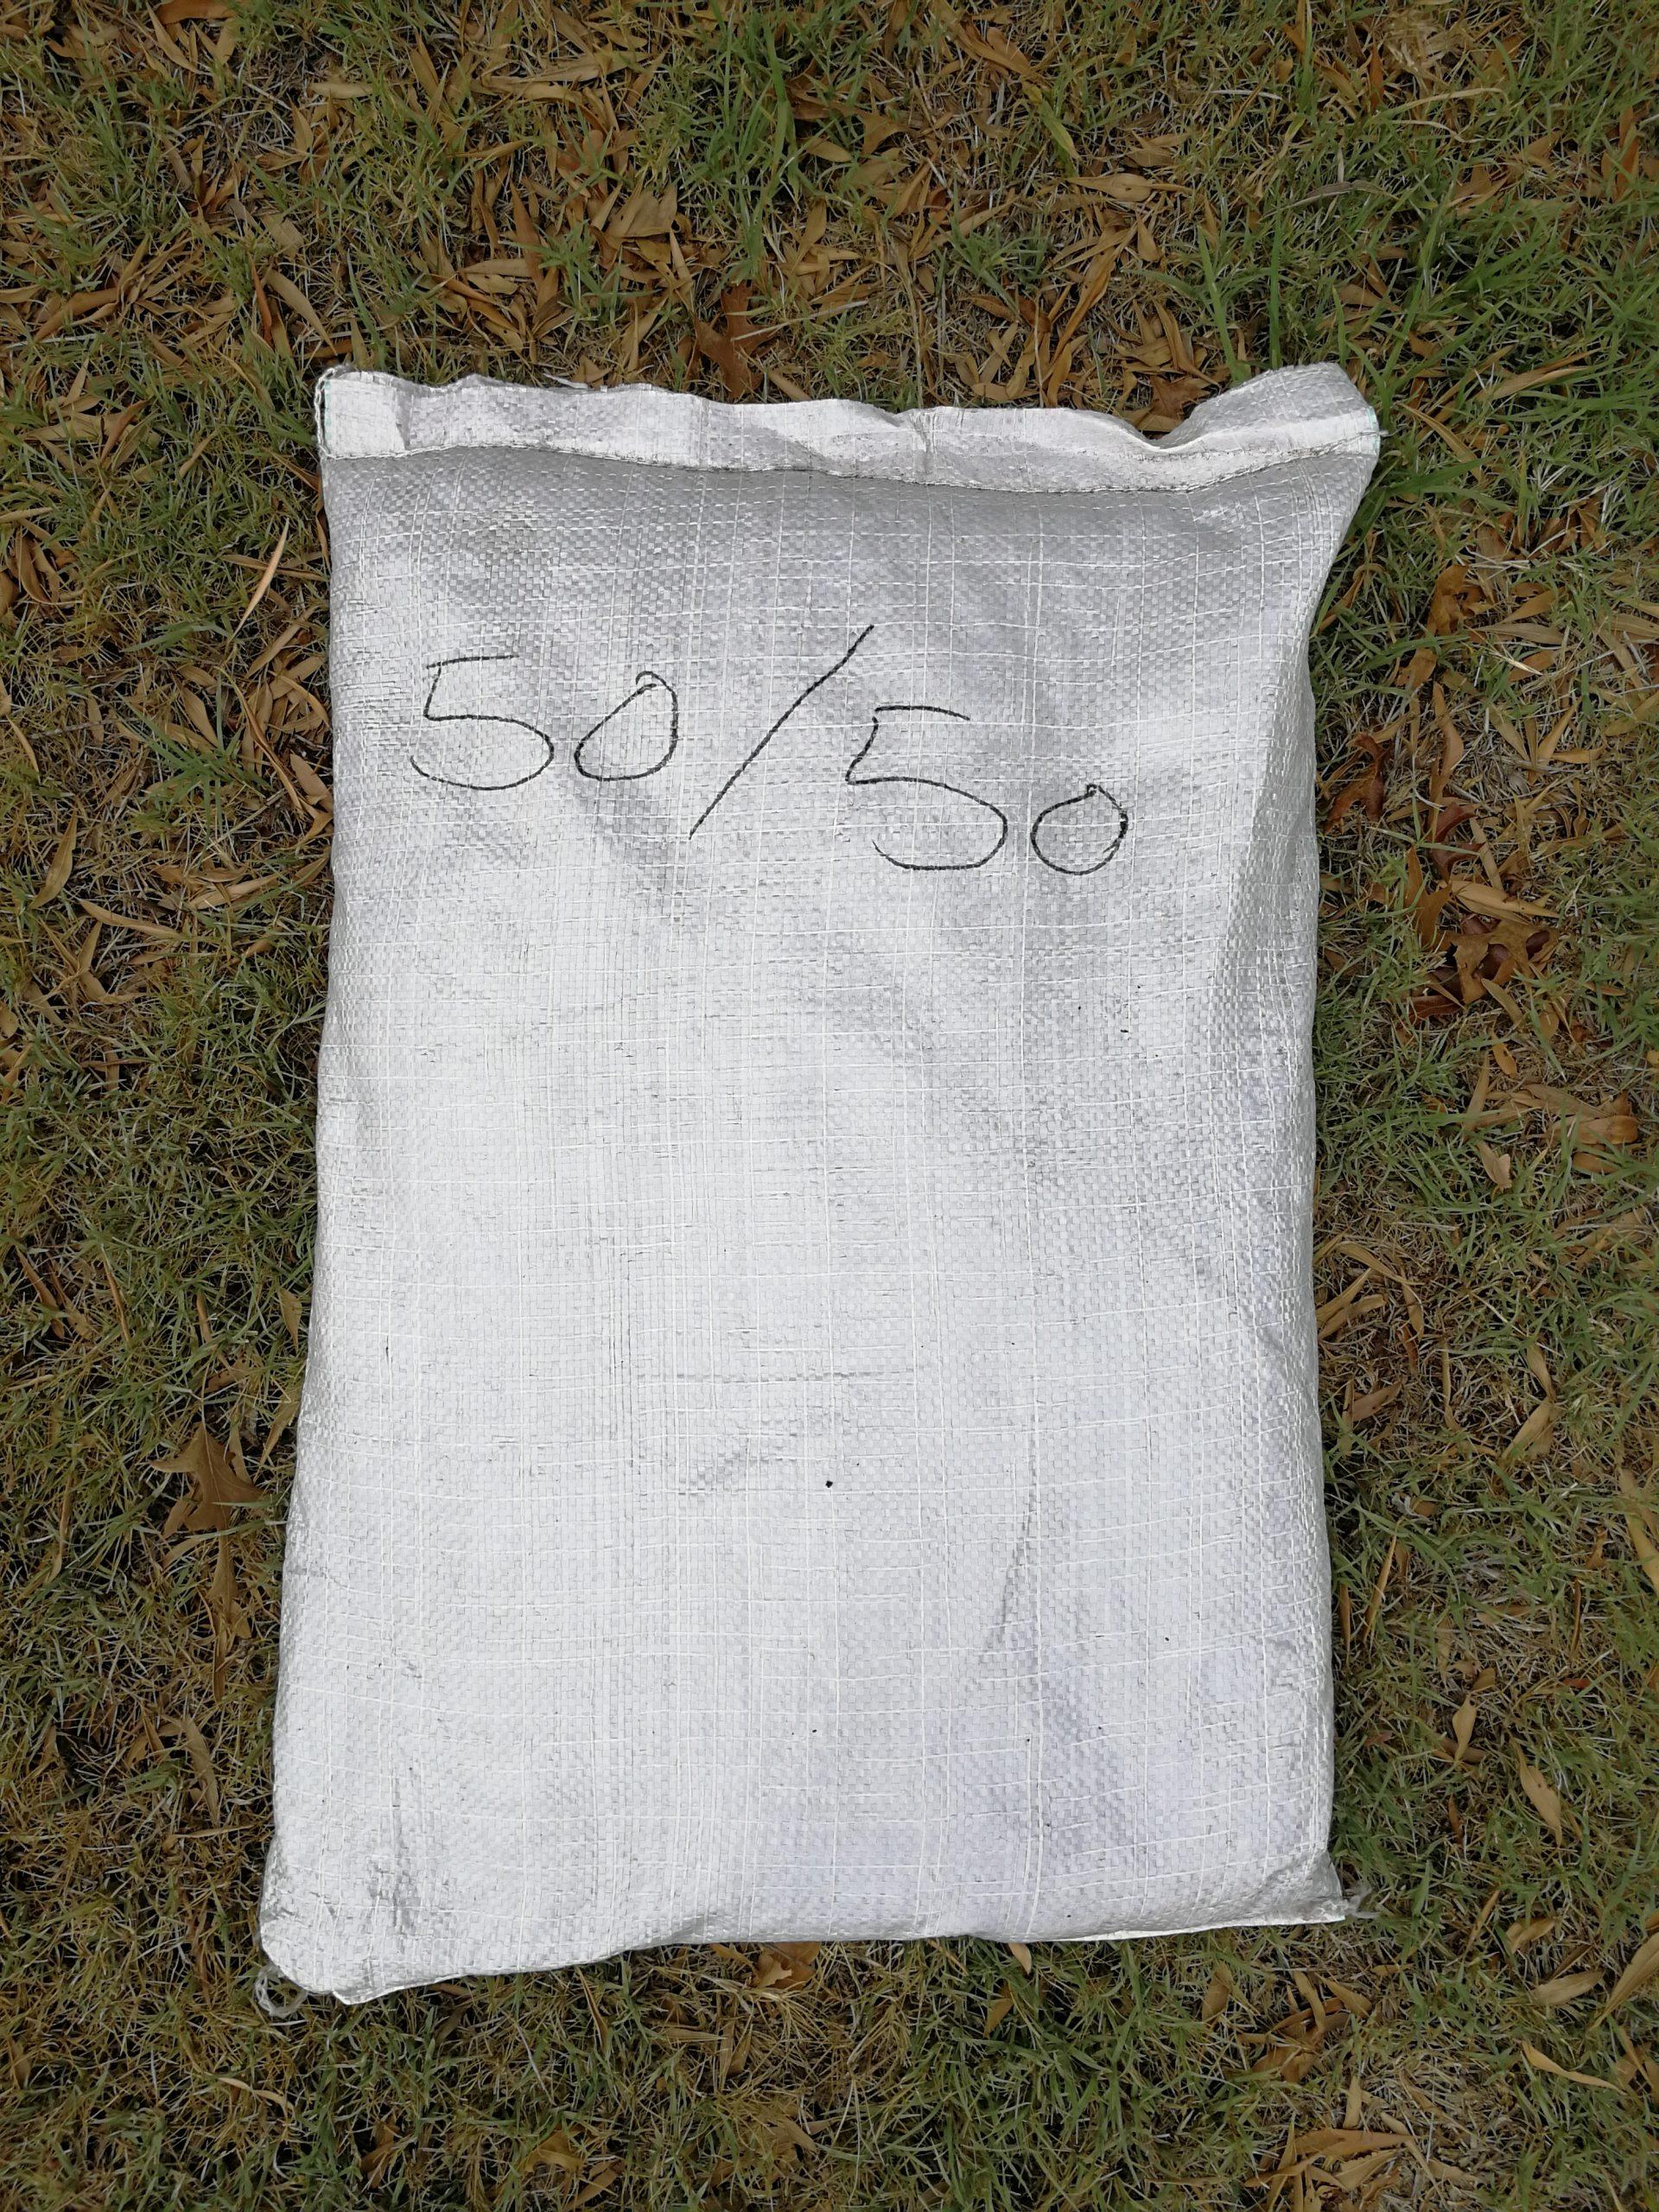 Coco Perlite 50 50 Soil Mix 30L